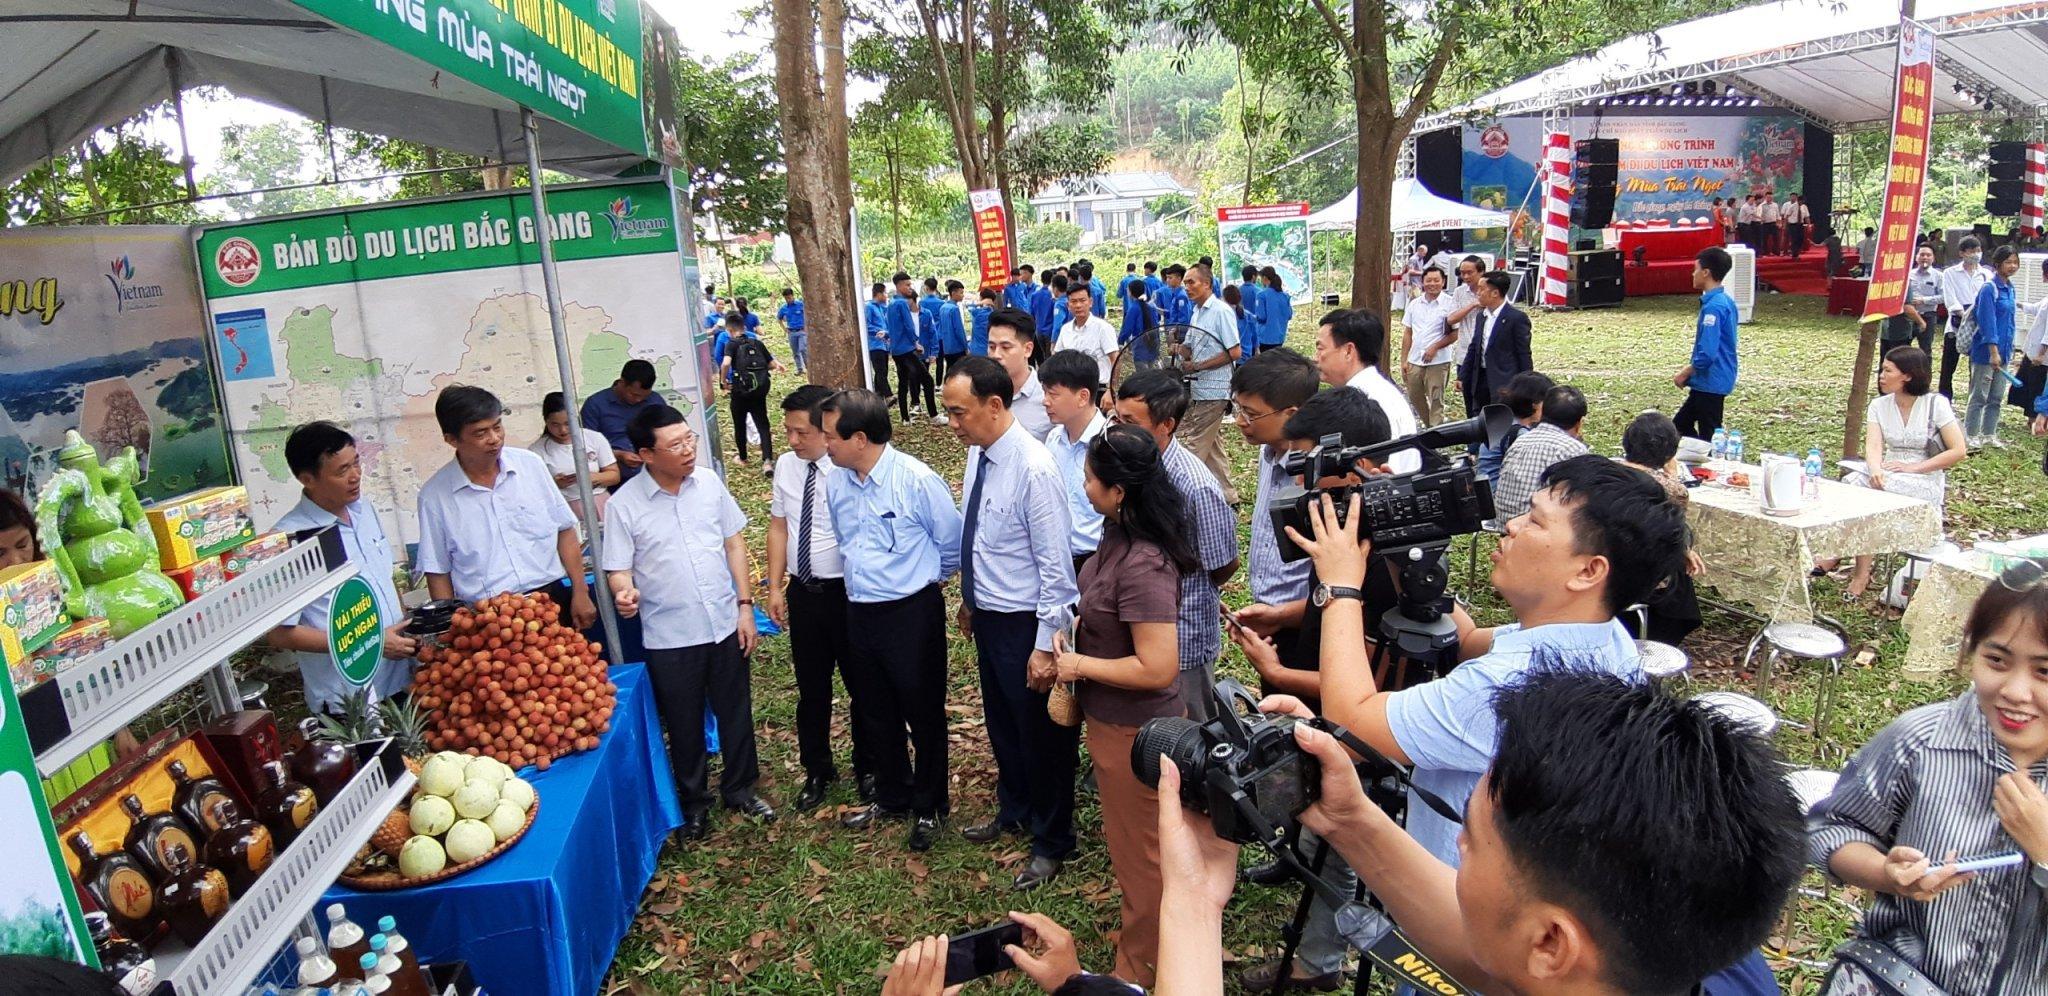 Bắc Giang: Phát động kích cầu du lịch nội địa